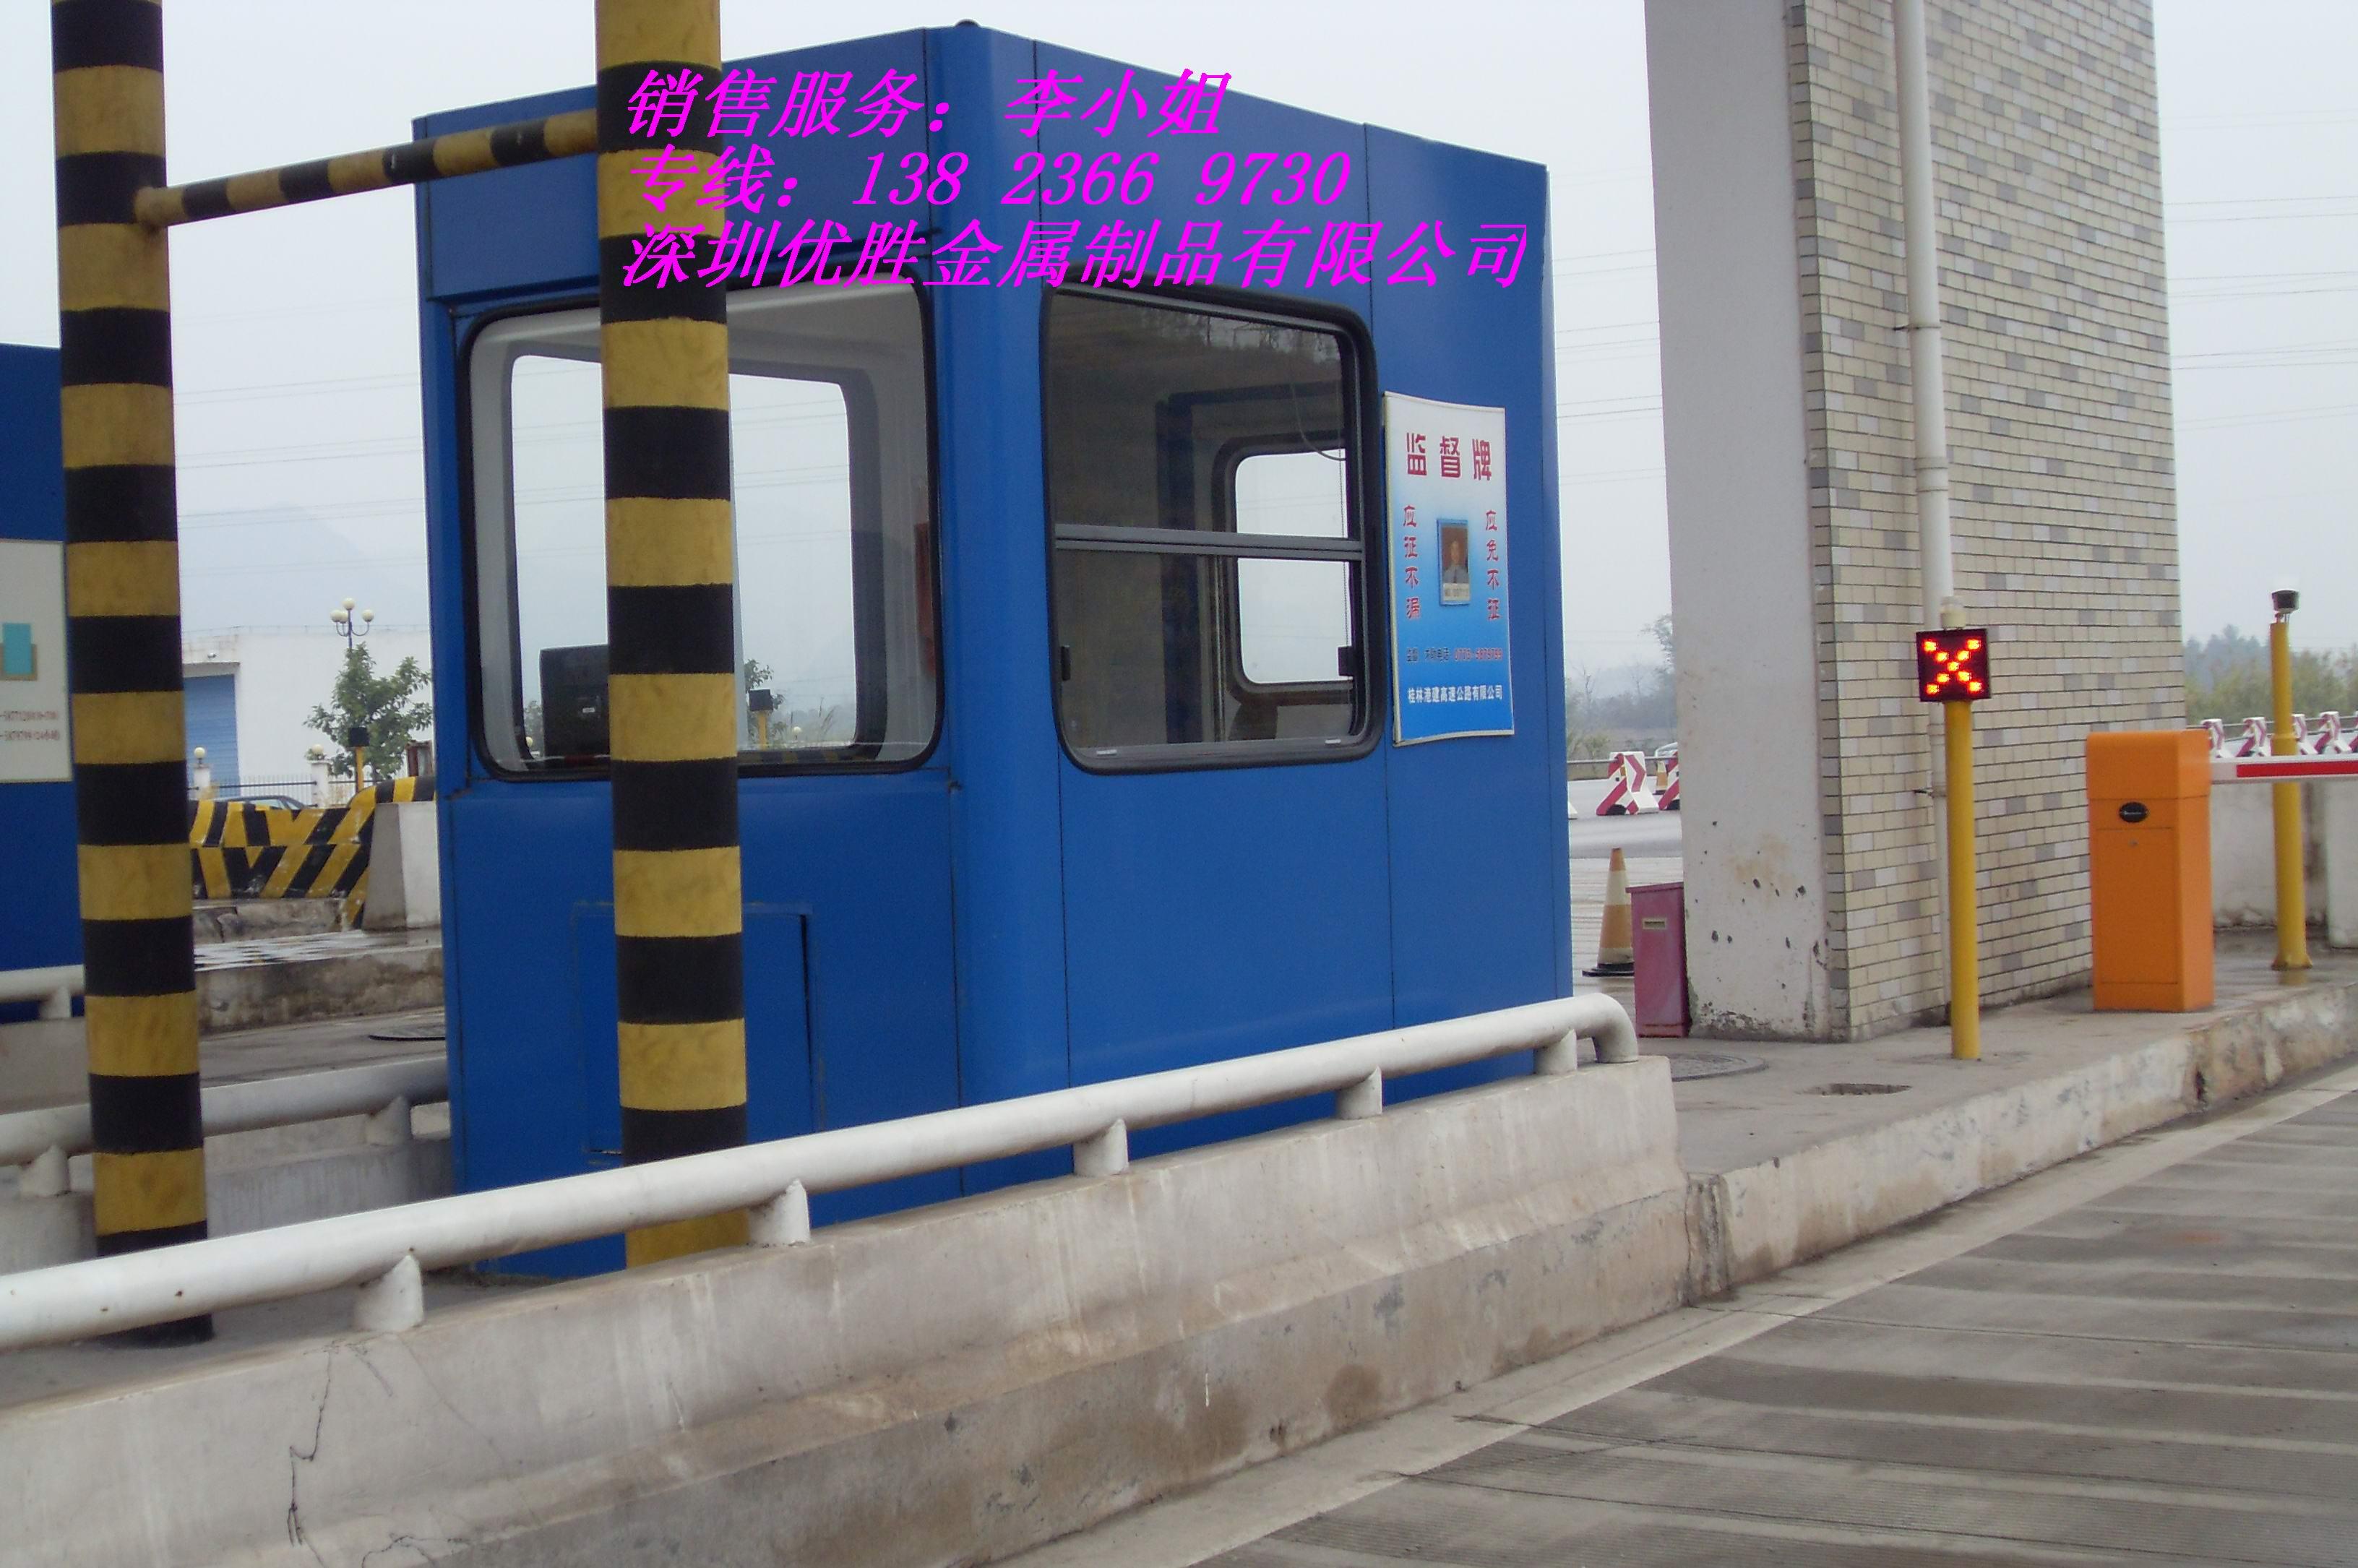 广西靖那高速公路收费亭设计图‖广西靖那高速公路收费亭制作要求及